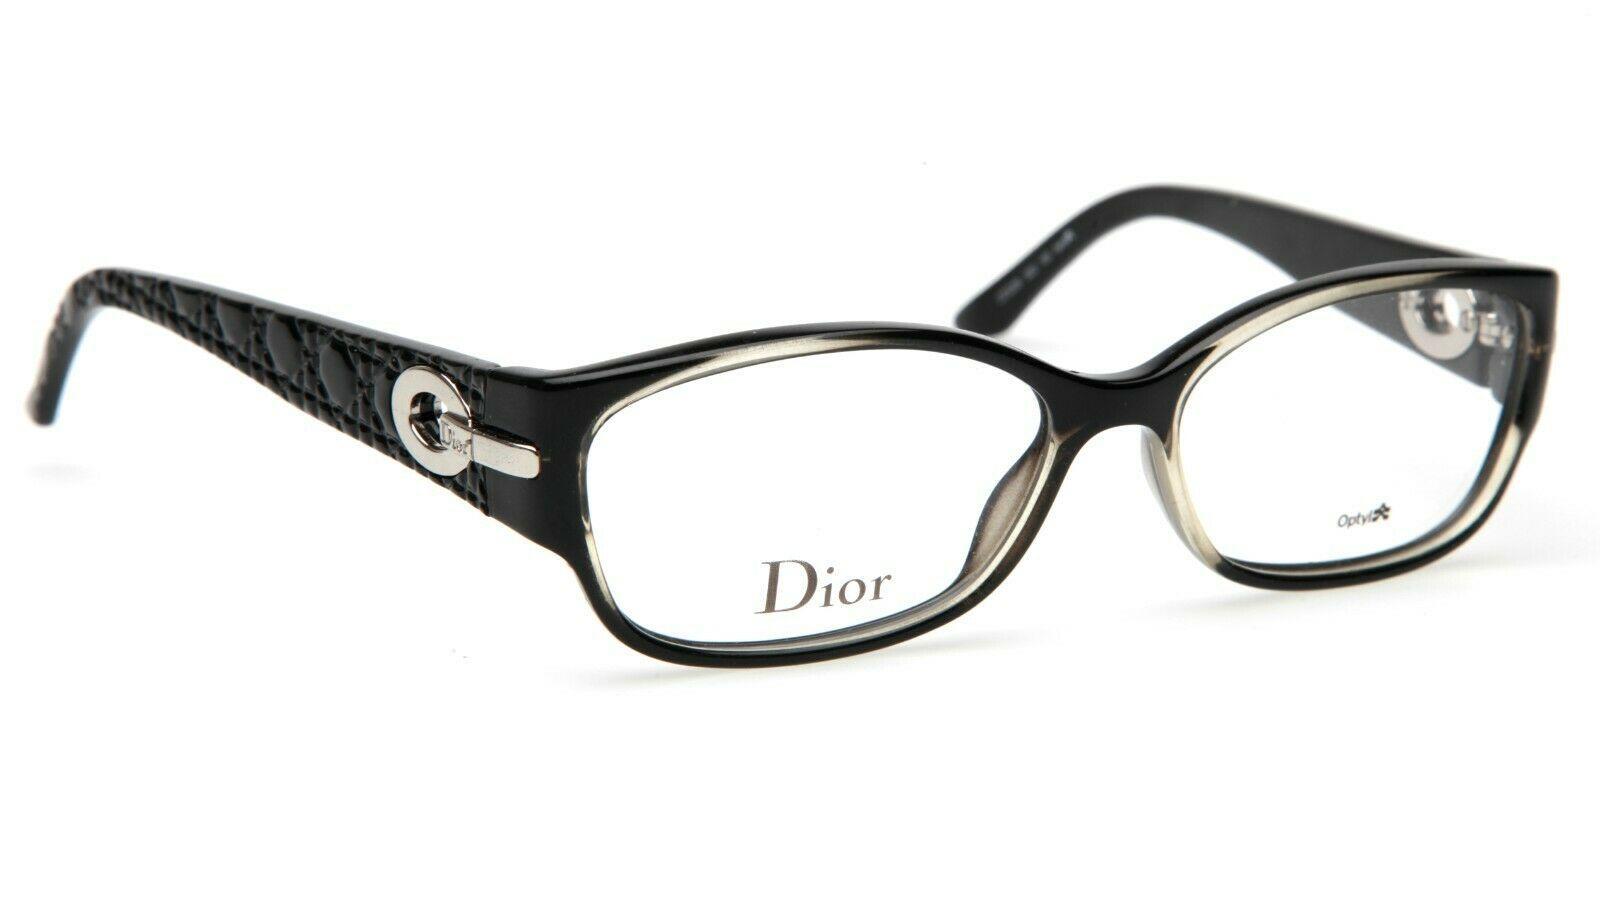 New Christian Dior CD3205 S02 Black EYEGLASSES FRAME 54-15-135mm Italy - $151.89